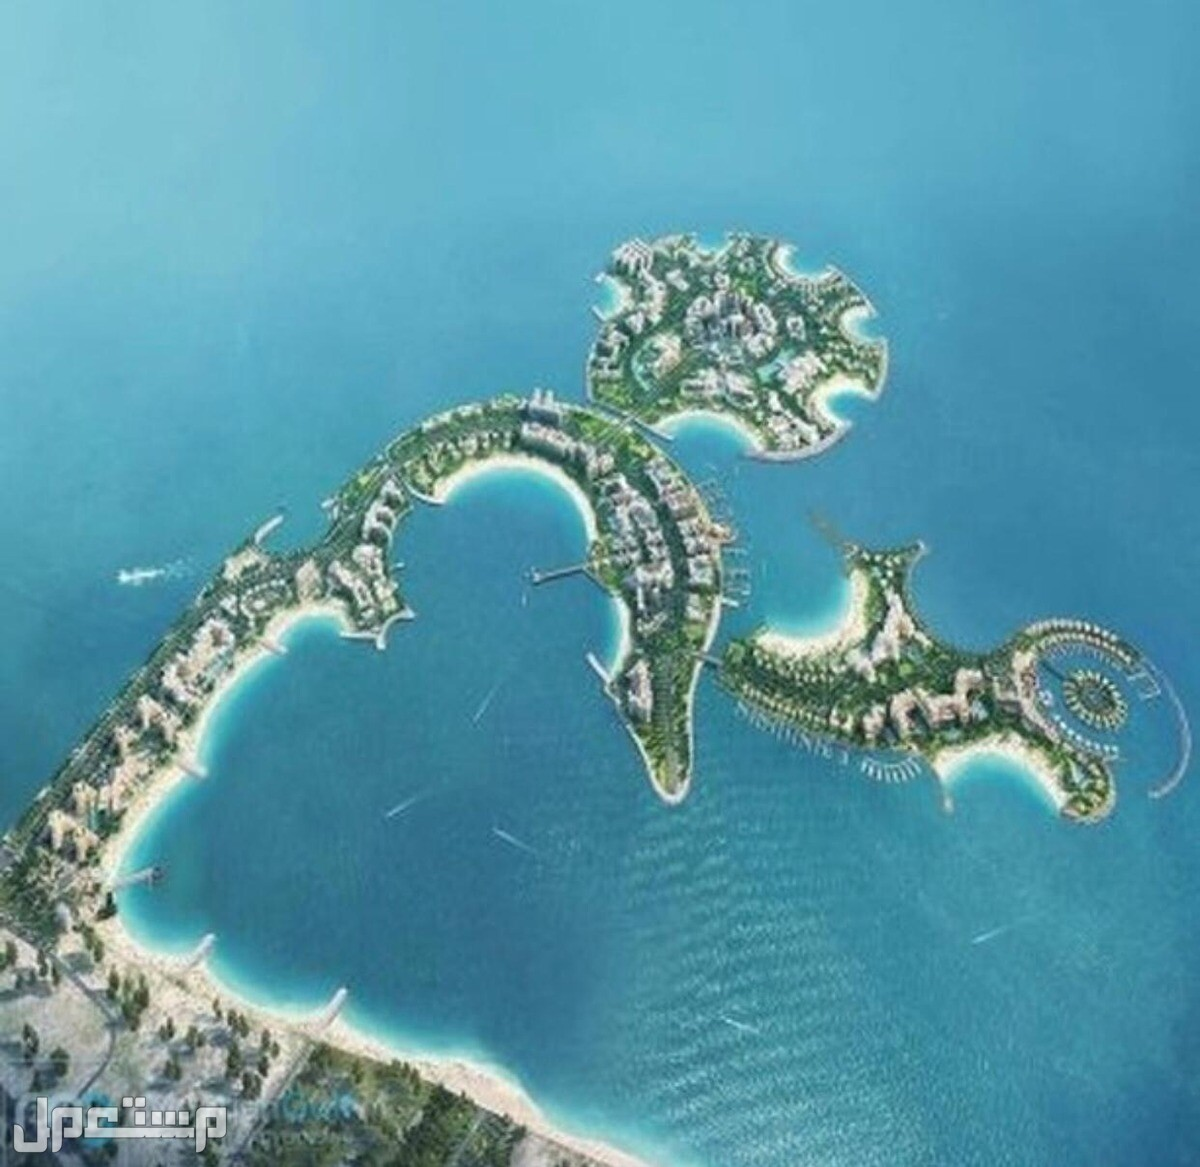 اخر فرصة للتملك في اكبر مشروع استثماري براس الخيمة صورة توضح جمال الجزيرة على البحر